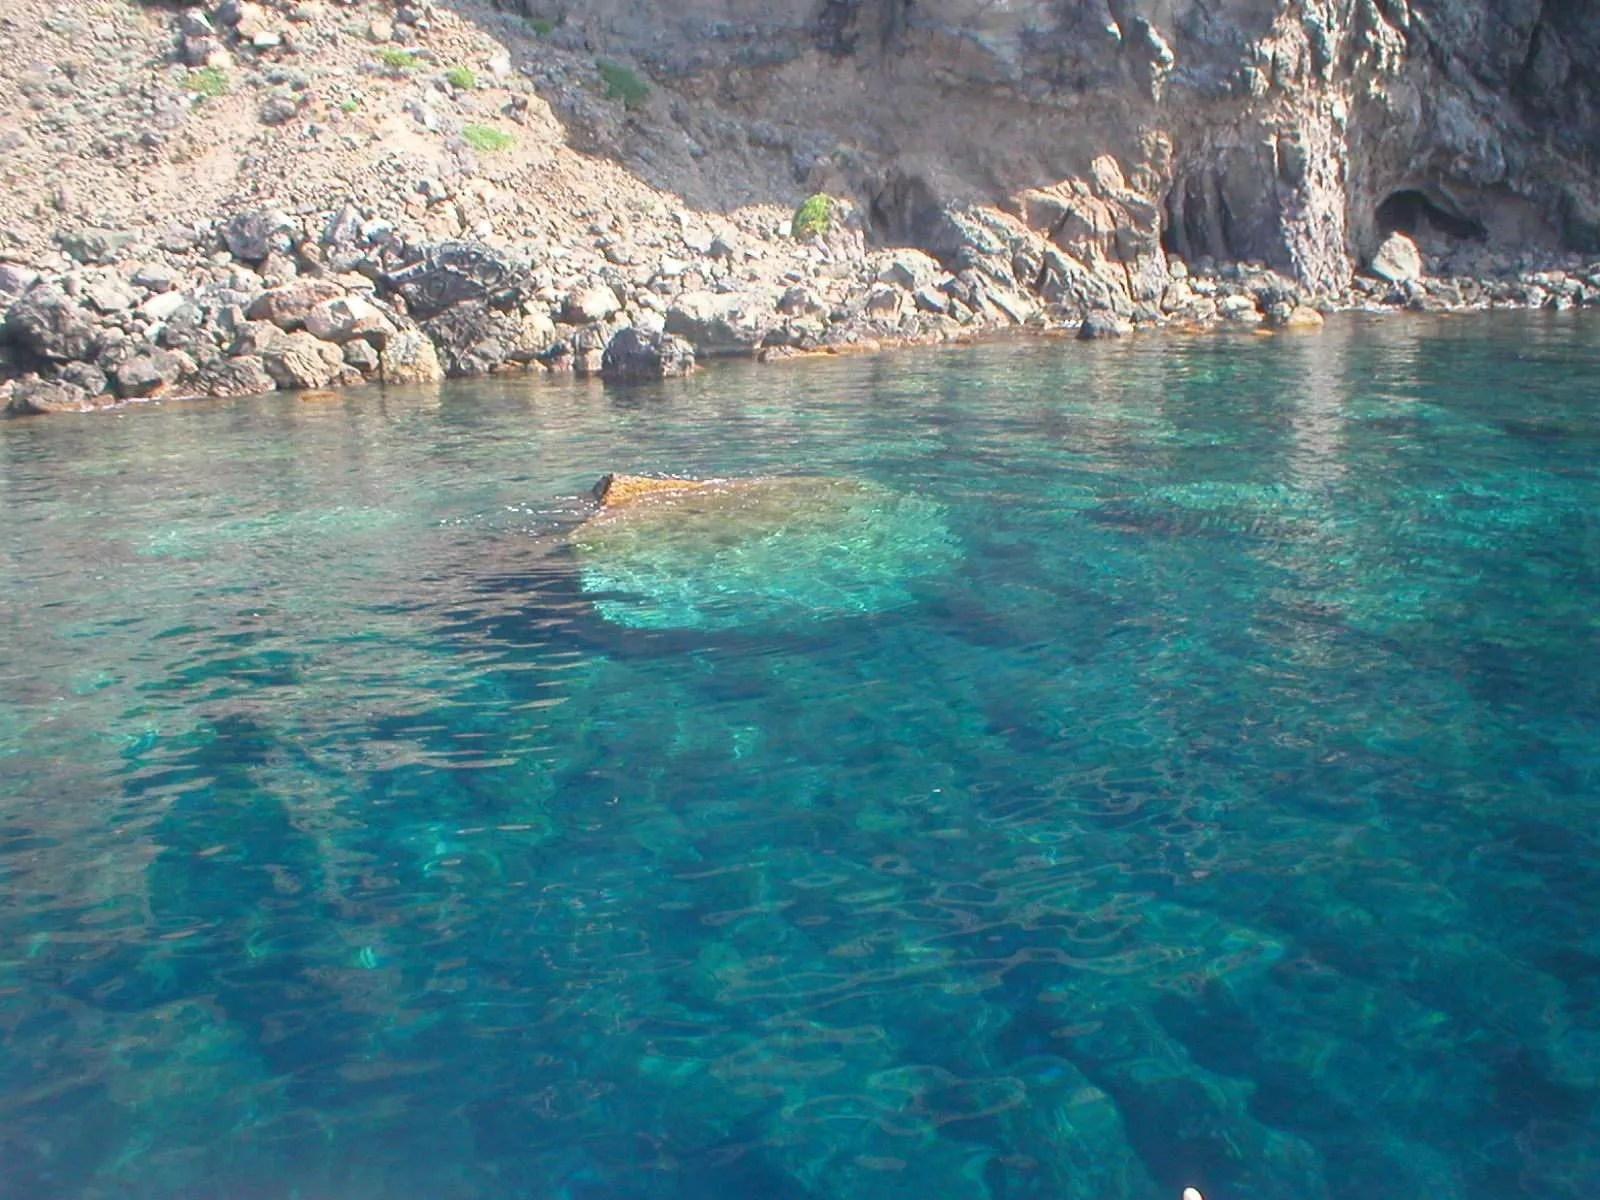 Vacanze a Pantelleria: dormire in dammuso e nuotare in un mare da sogno